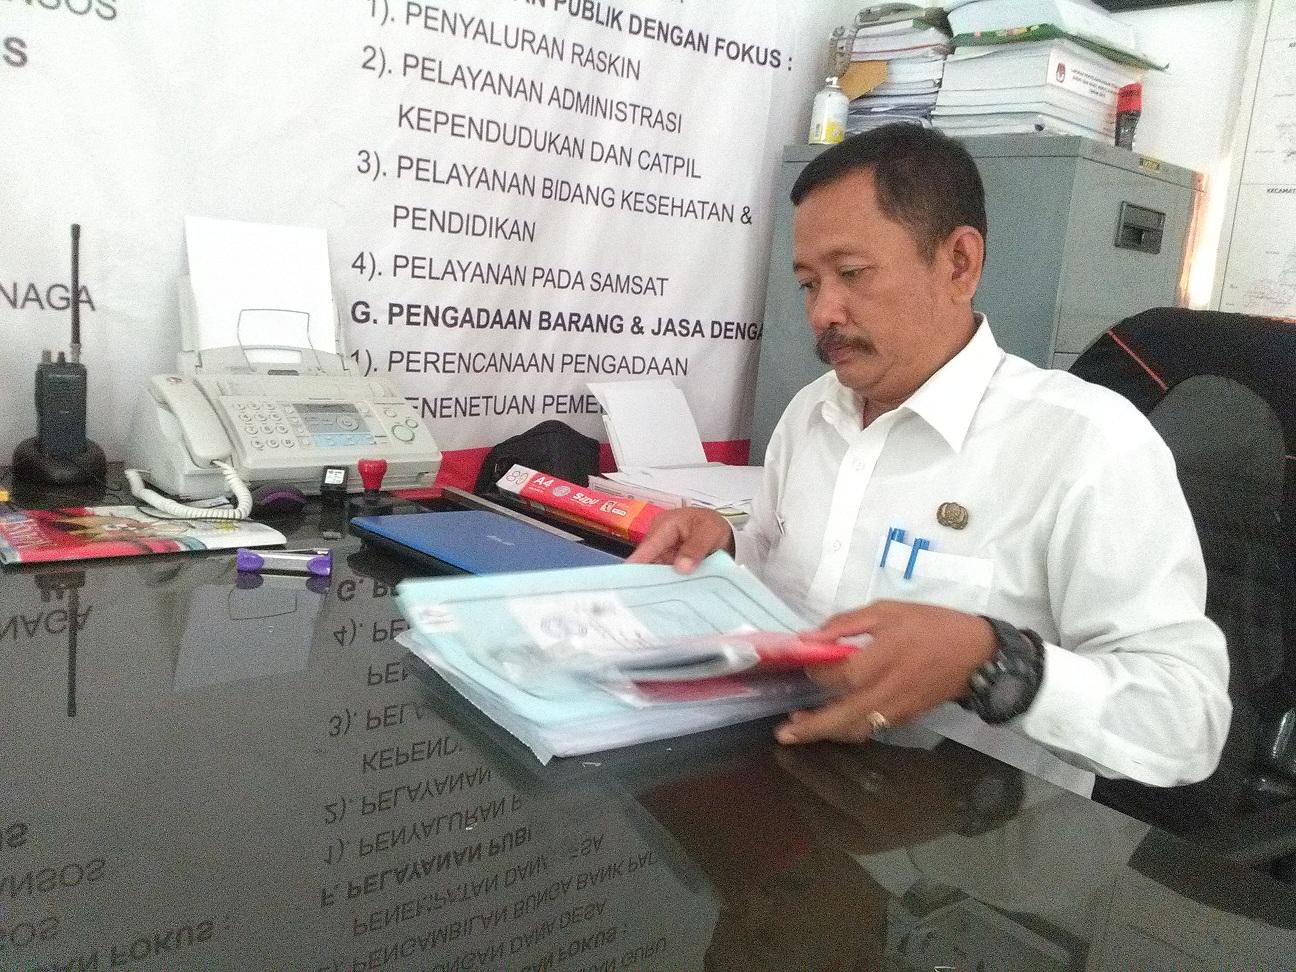 Kesbangpol Pastikan Karawang Tetap Kondusif Jelang Pileg dan Pilpres 2019